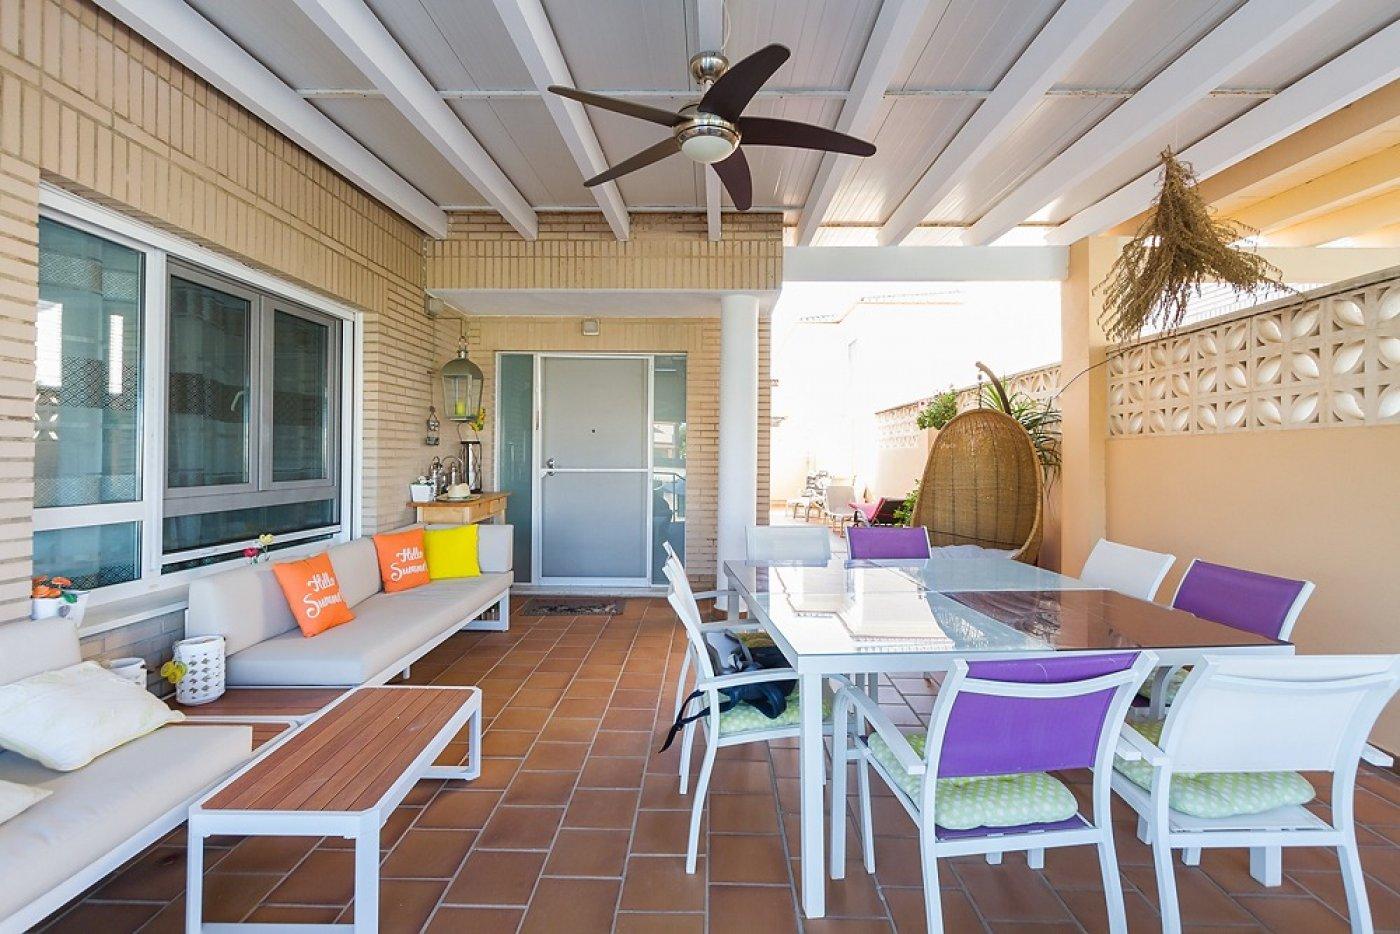 Fantástica casa de lujo en gandía con piscina, terraza y vivienda de inivtados. - imagenInmueble4